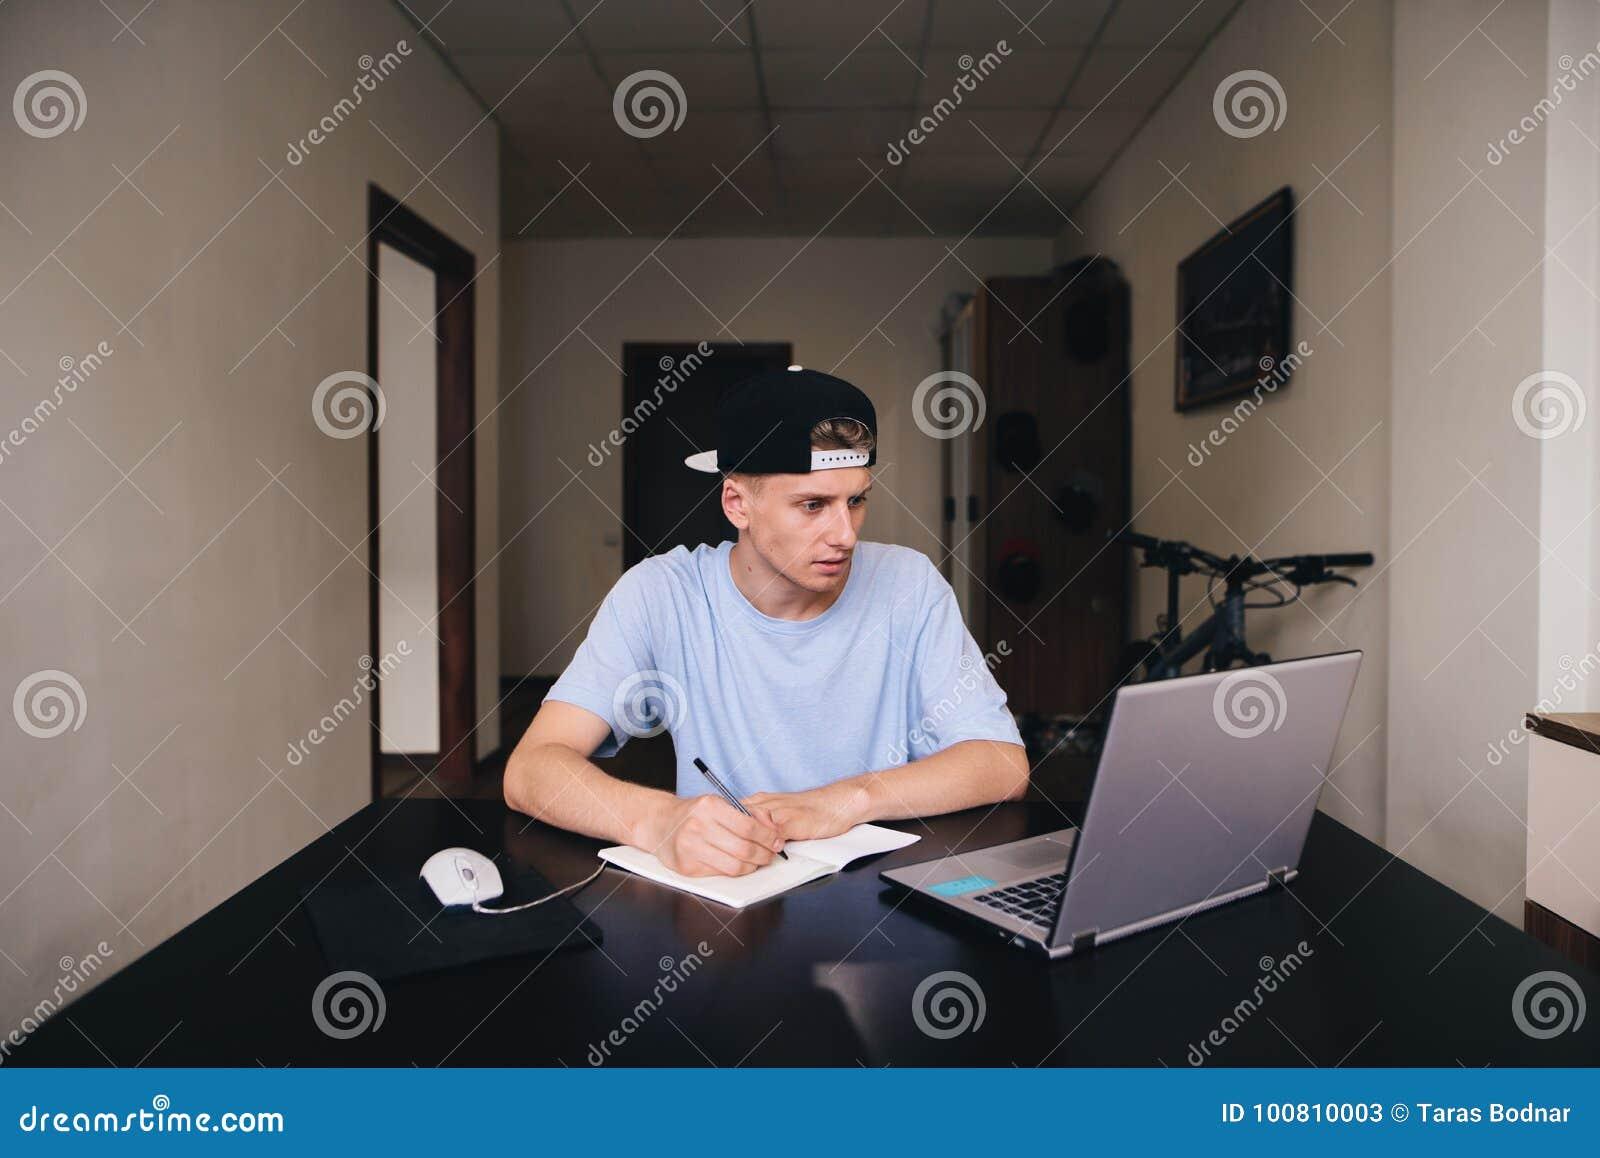 Student studiert zu Hause Der Jugendliche betrachtet den Computer und schreibt den Text zum Notizbuch